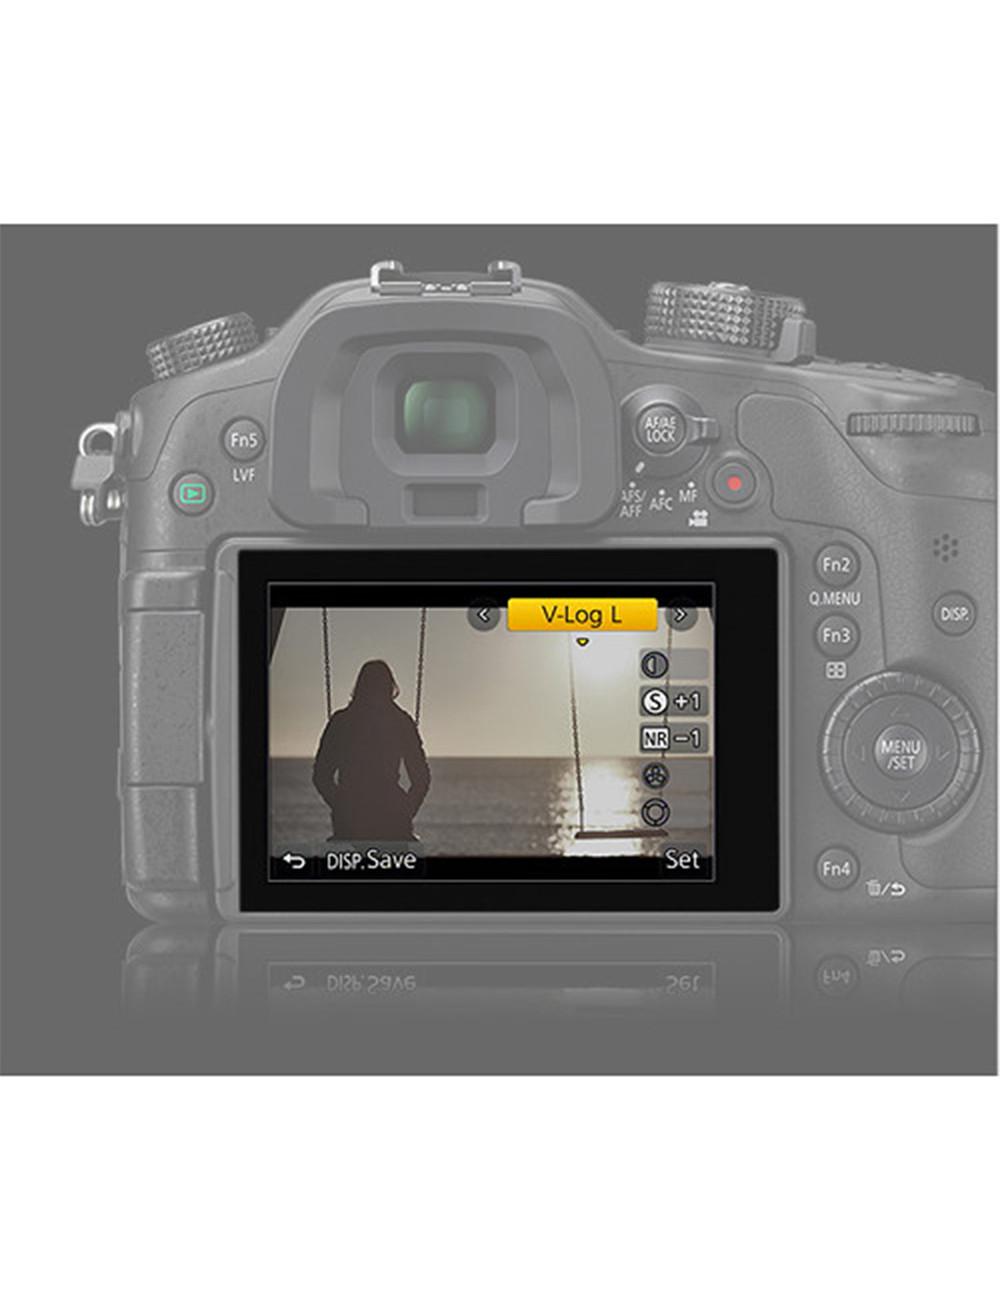 Cámara FujiFilm X-E3 SILVER para Fotografía y Video 4K de 24,3MP Solo Cuerpo SIN lente